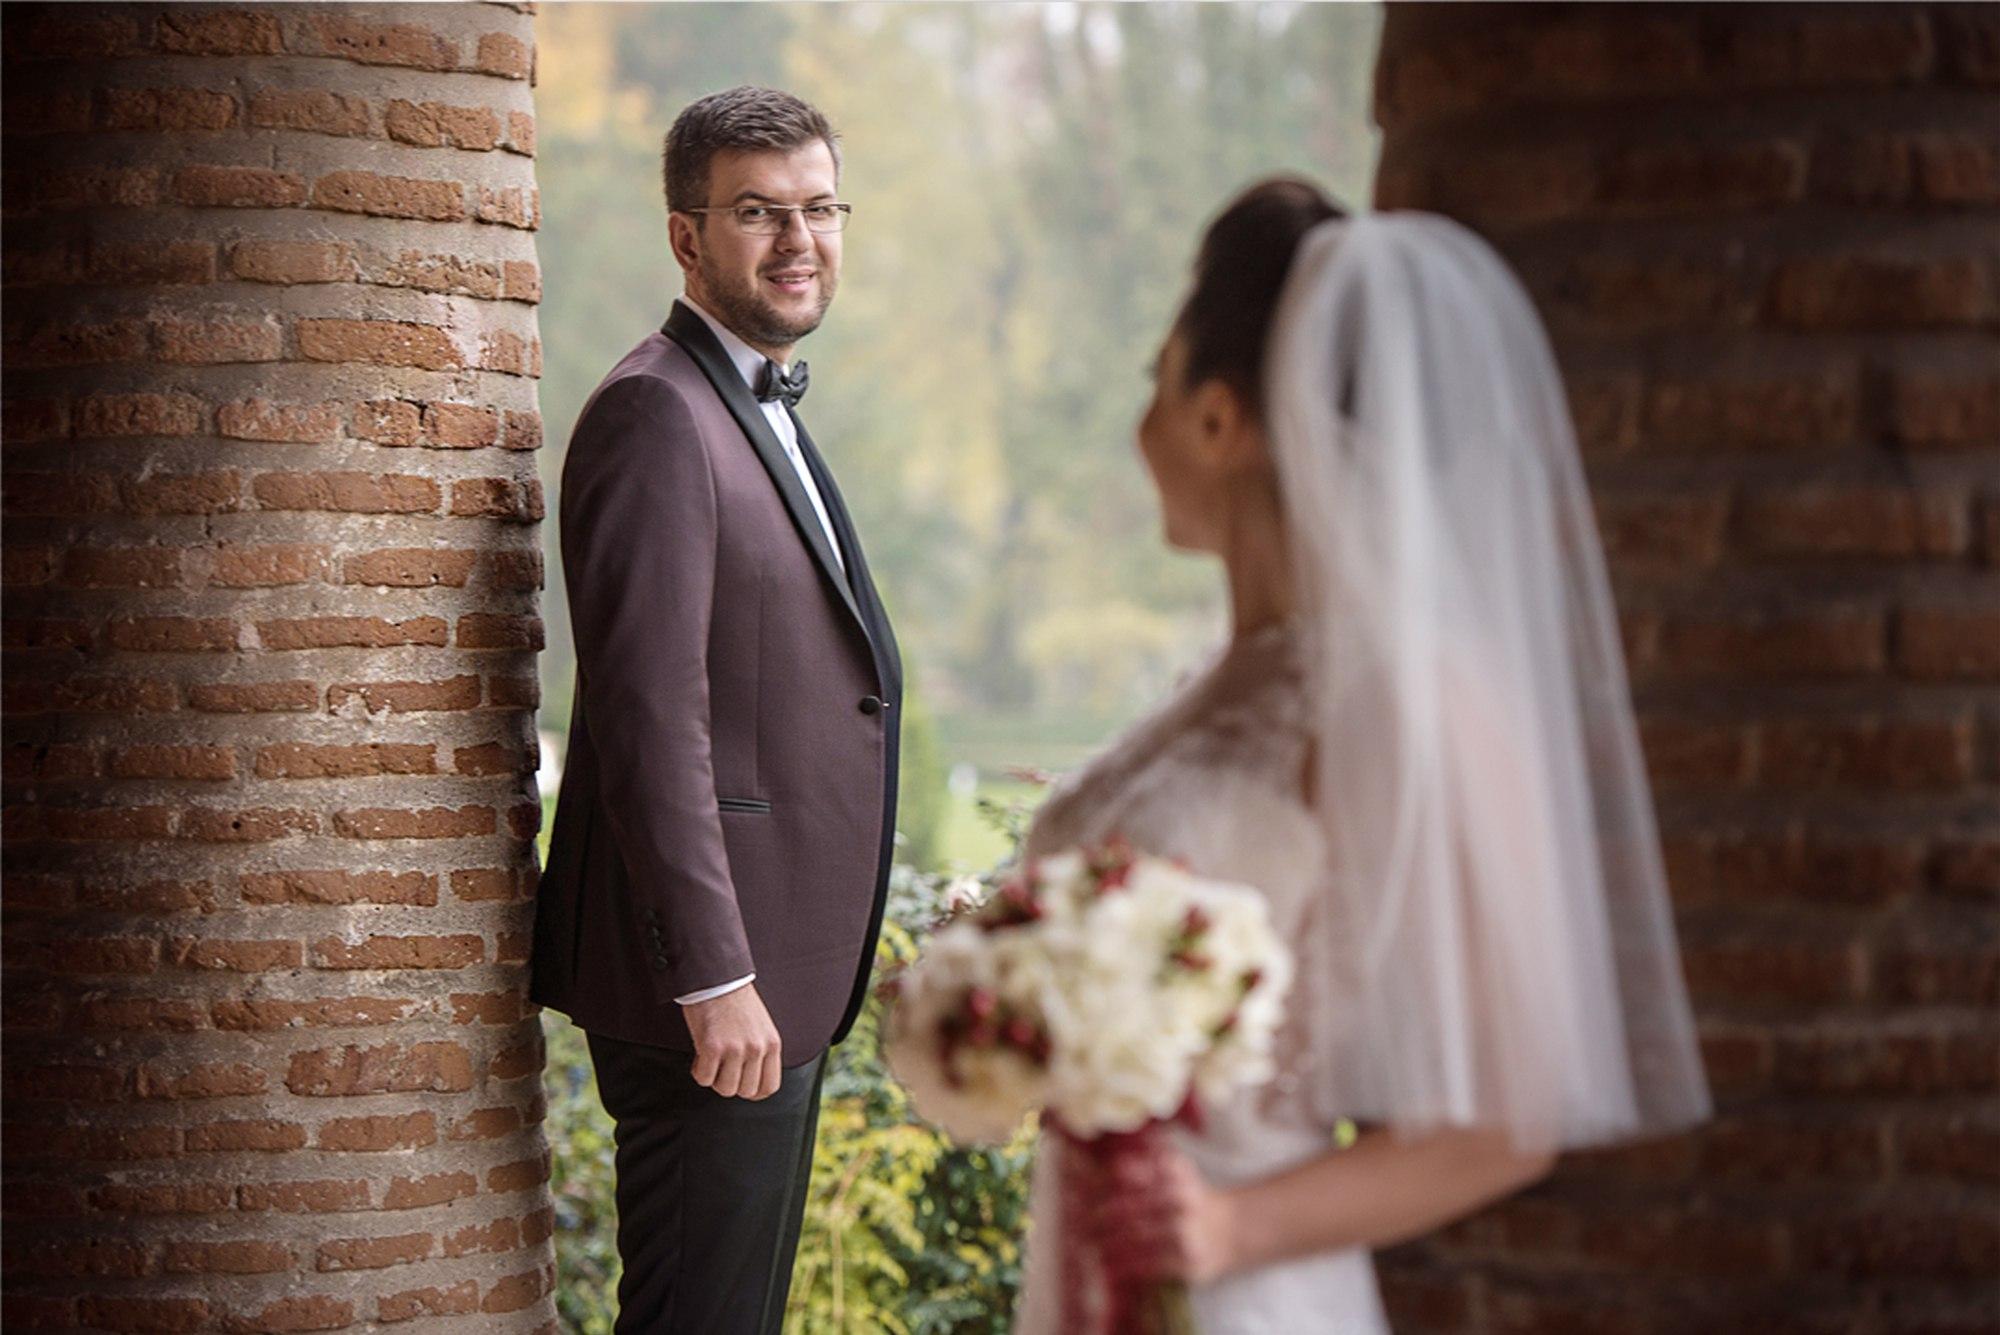 Fotogrtafie nunta Bucuresti Andi Iliescu